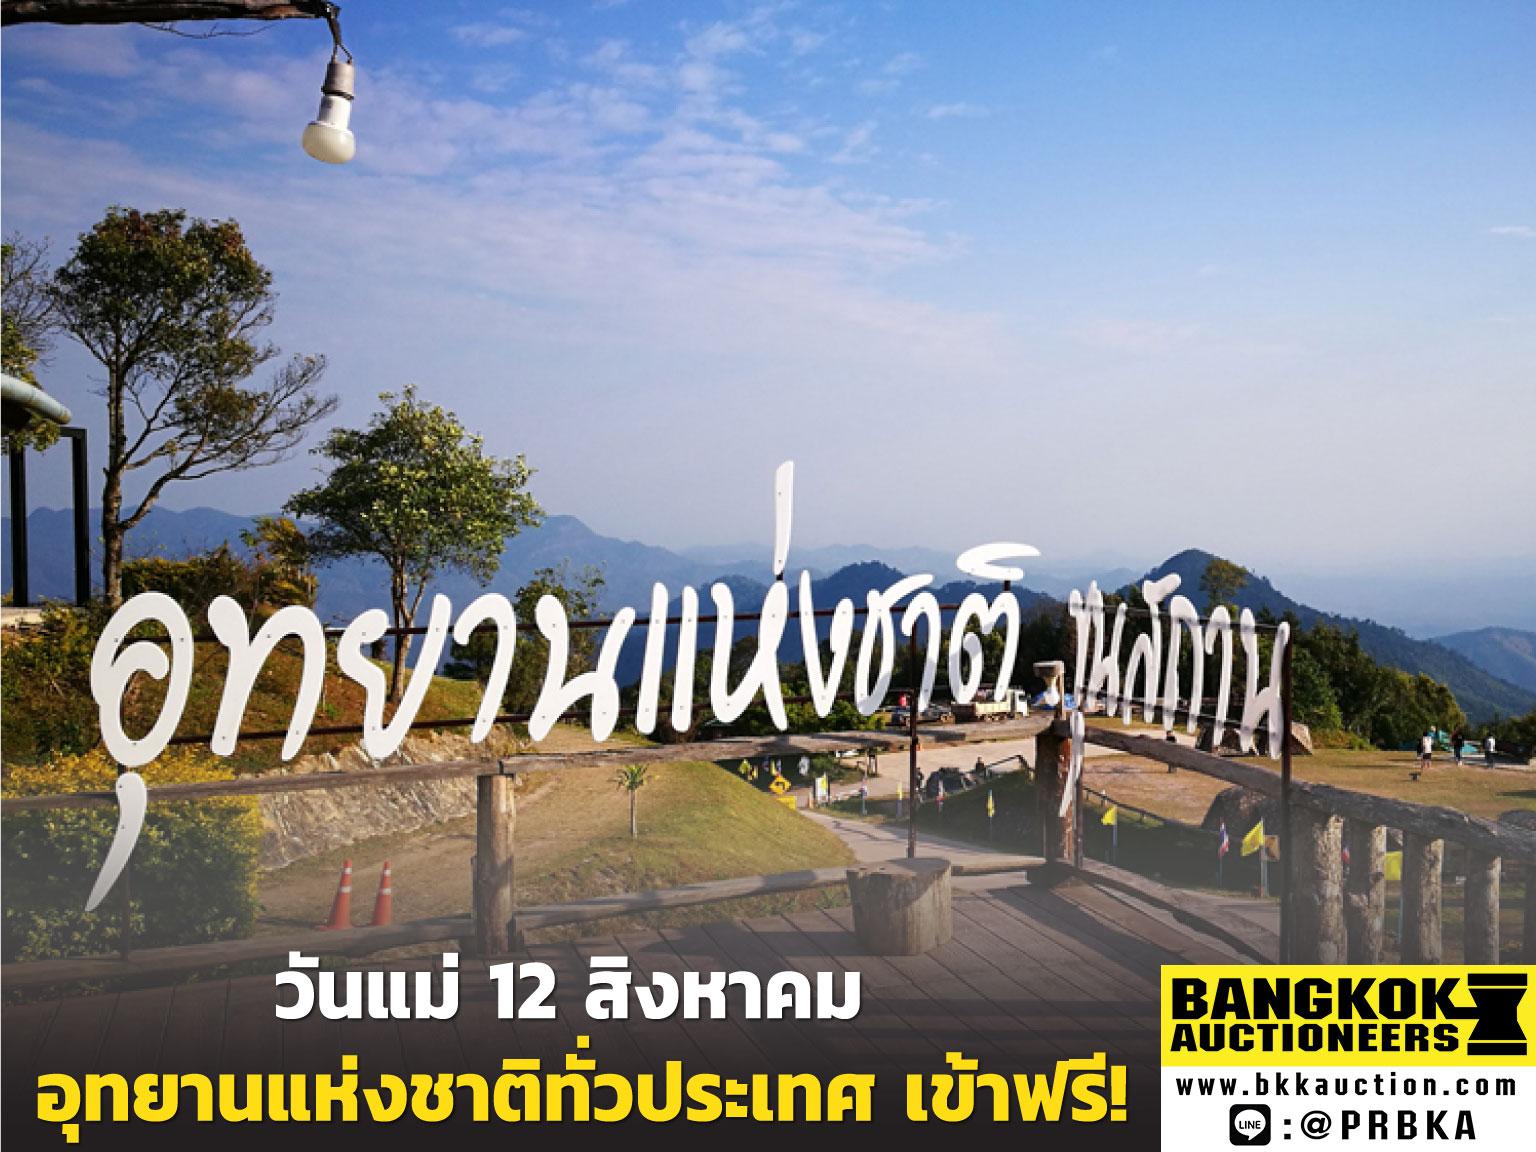 วันแม่ 12 สิงหาคม อุทยานแห่งชาติทั่วประเทศ เข้าฟรี!